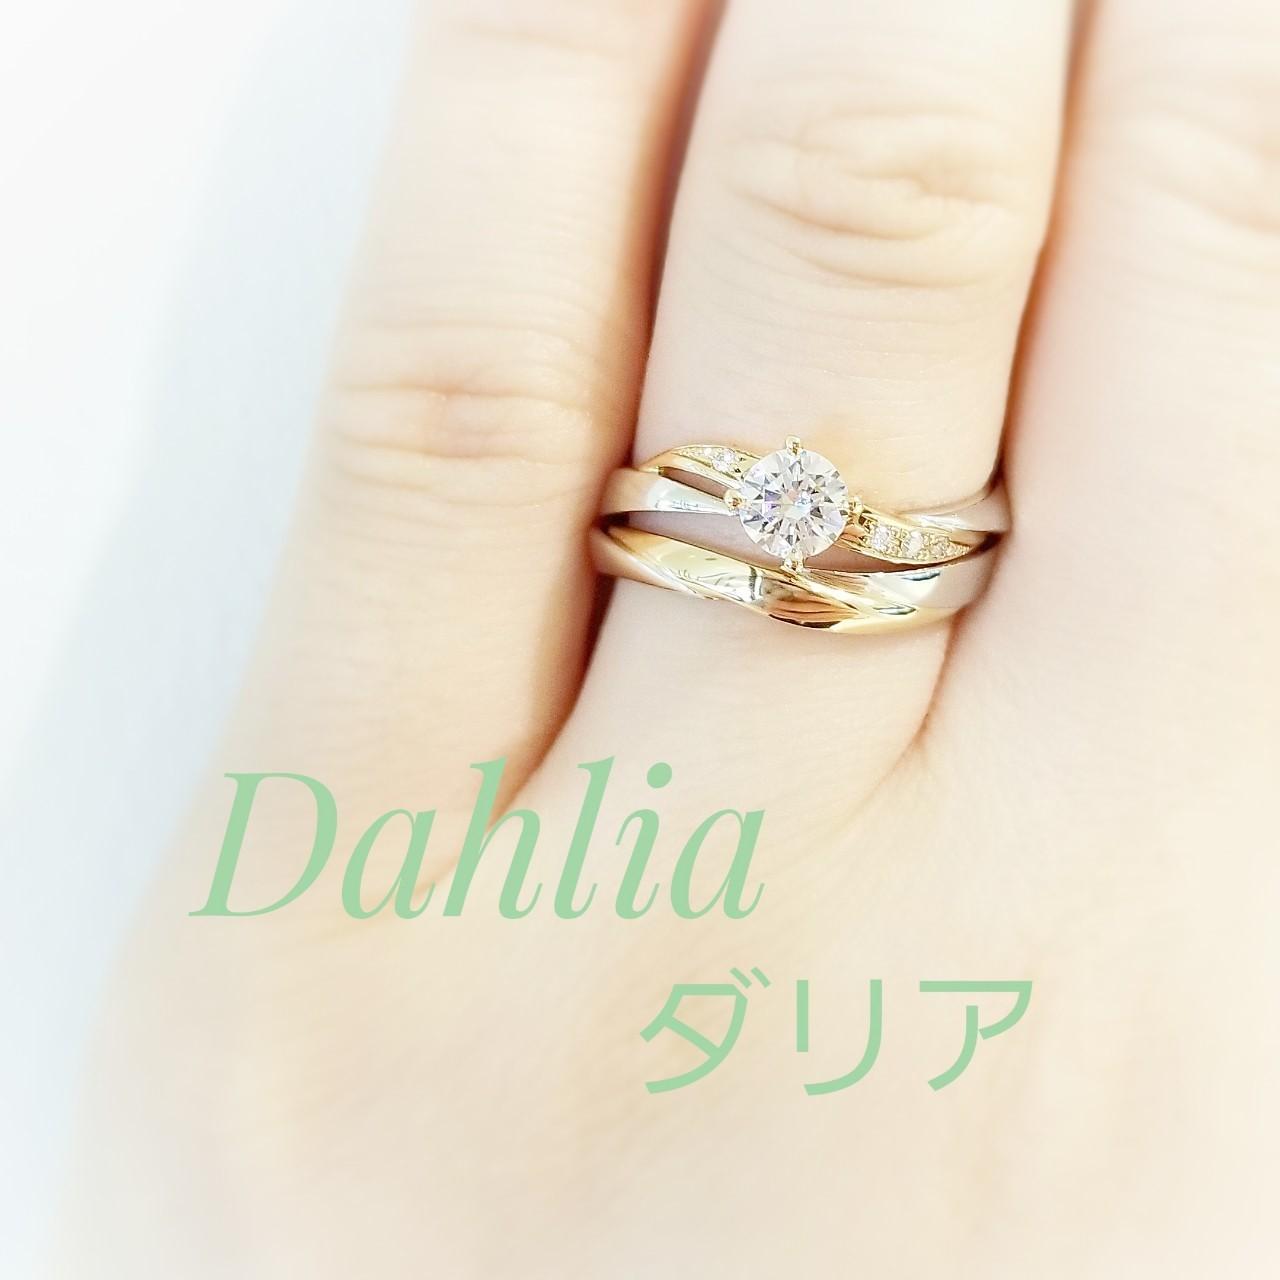 新潟結婚婚約指輪マリッジエンゲージリングブライダルLAPAGEラパージュセットBROOCHブローチダリア